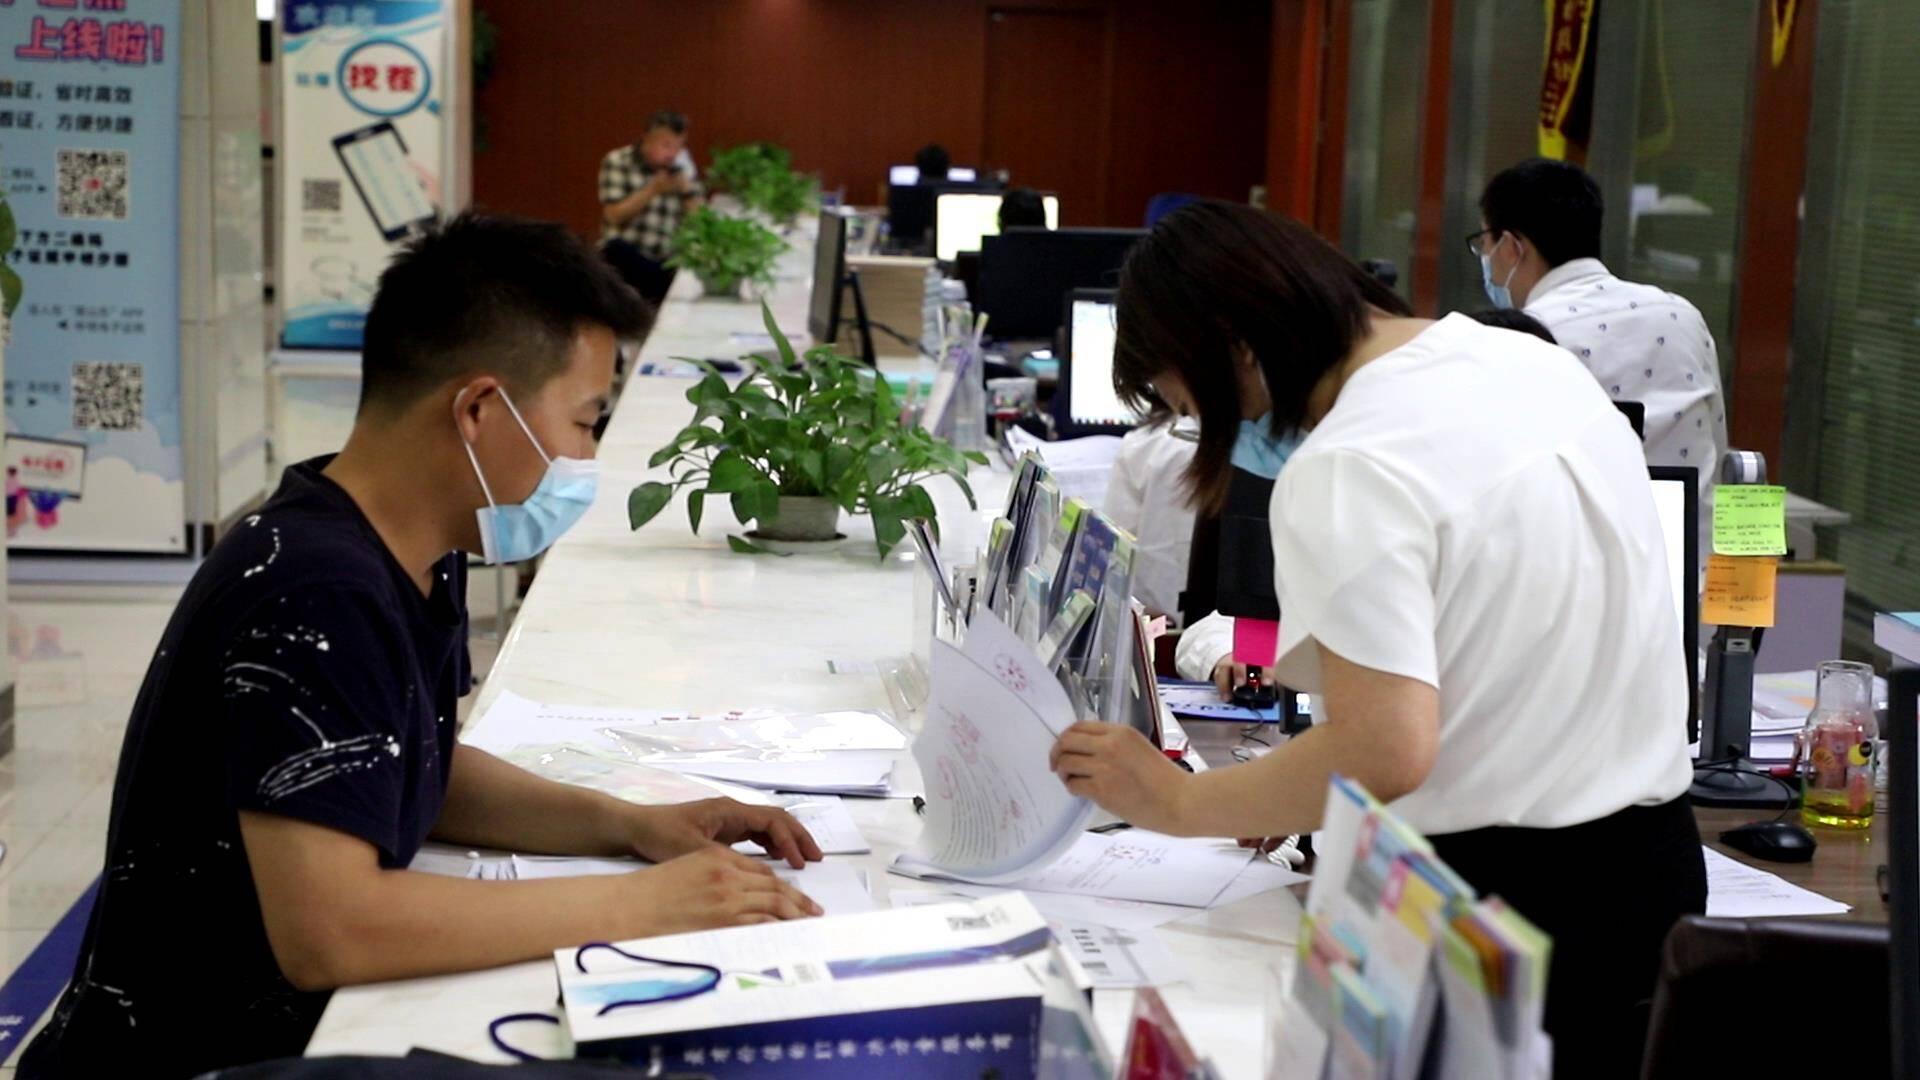 """泰安肥城""""市县同权""""改革 3家企业同时领取生产经营许可证"""